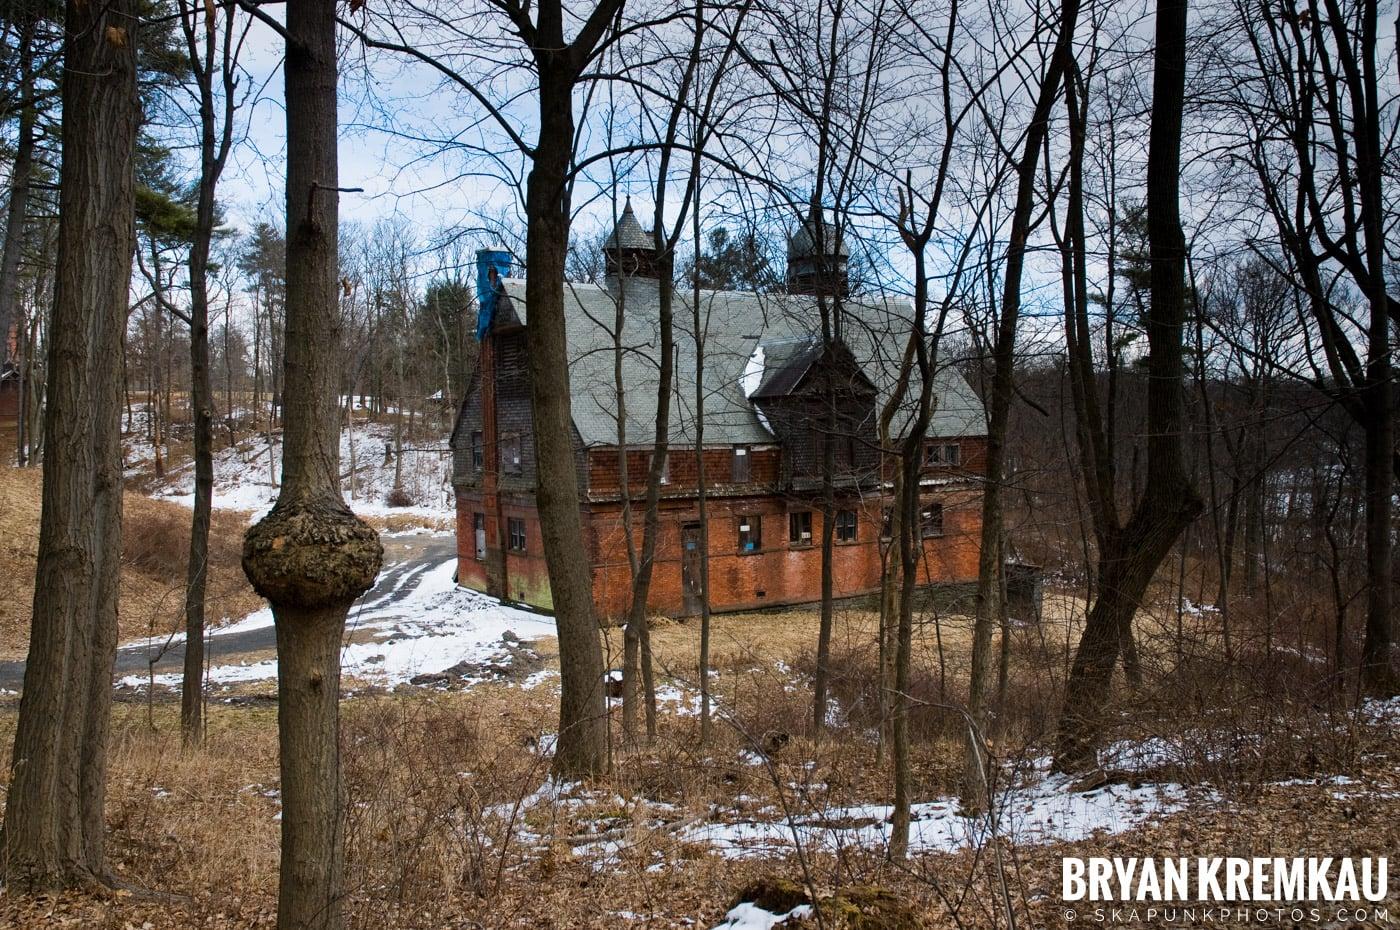 Valentine's Day Trip @ Rhinebeck, FDR's Home, Vanderbilt, Wilderstein Historic Site, NY - 2.14.10 (51)